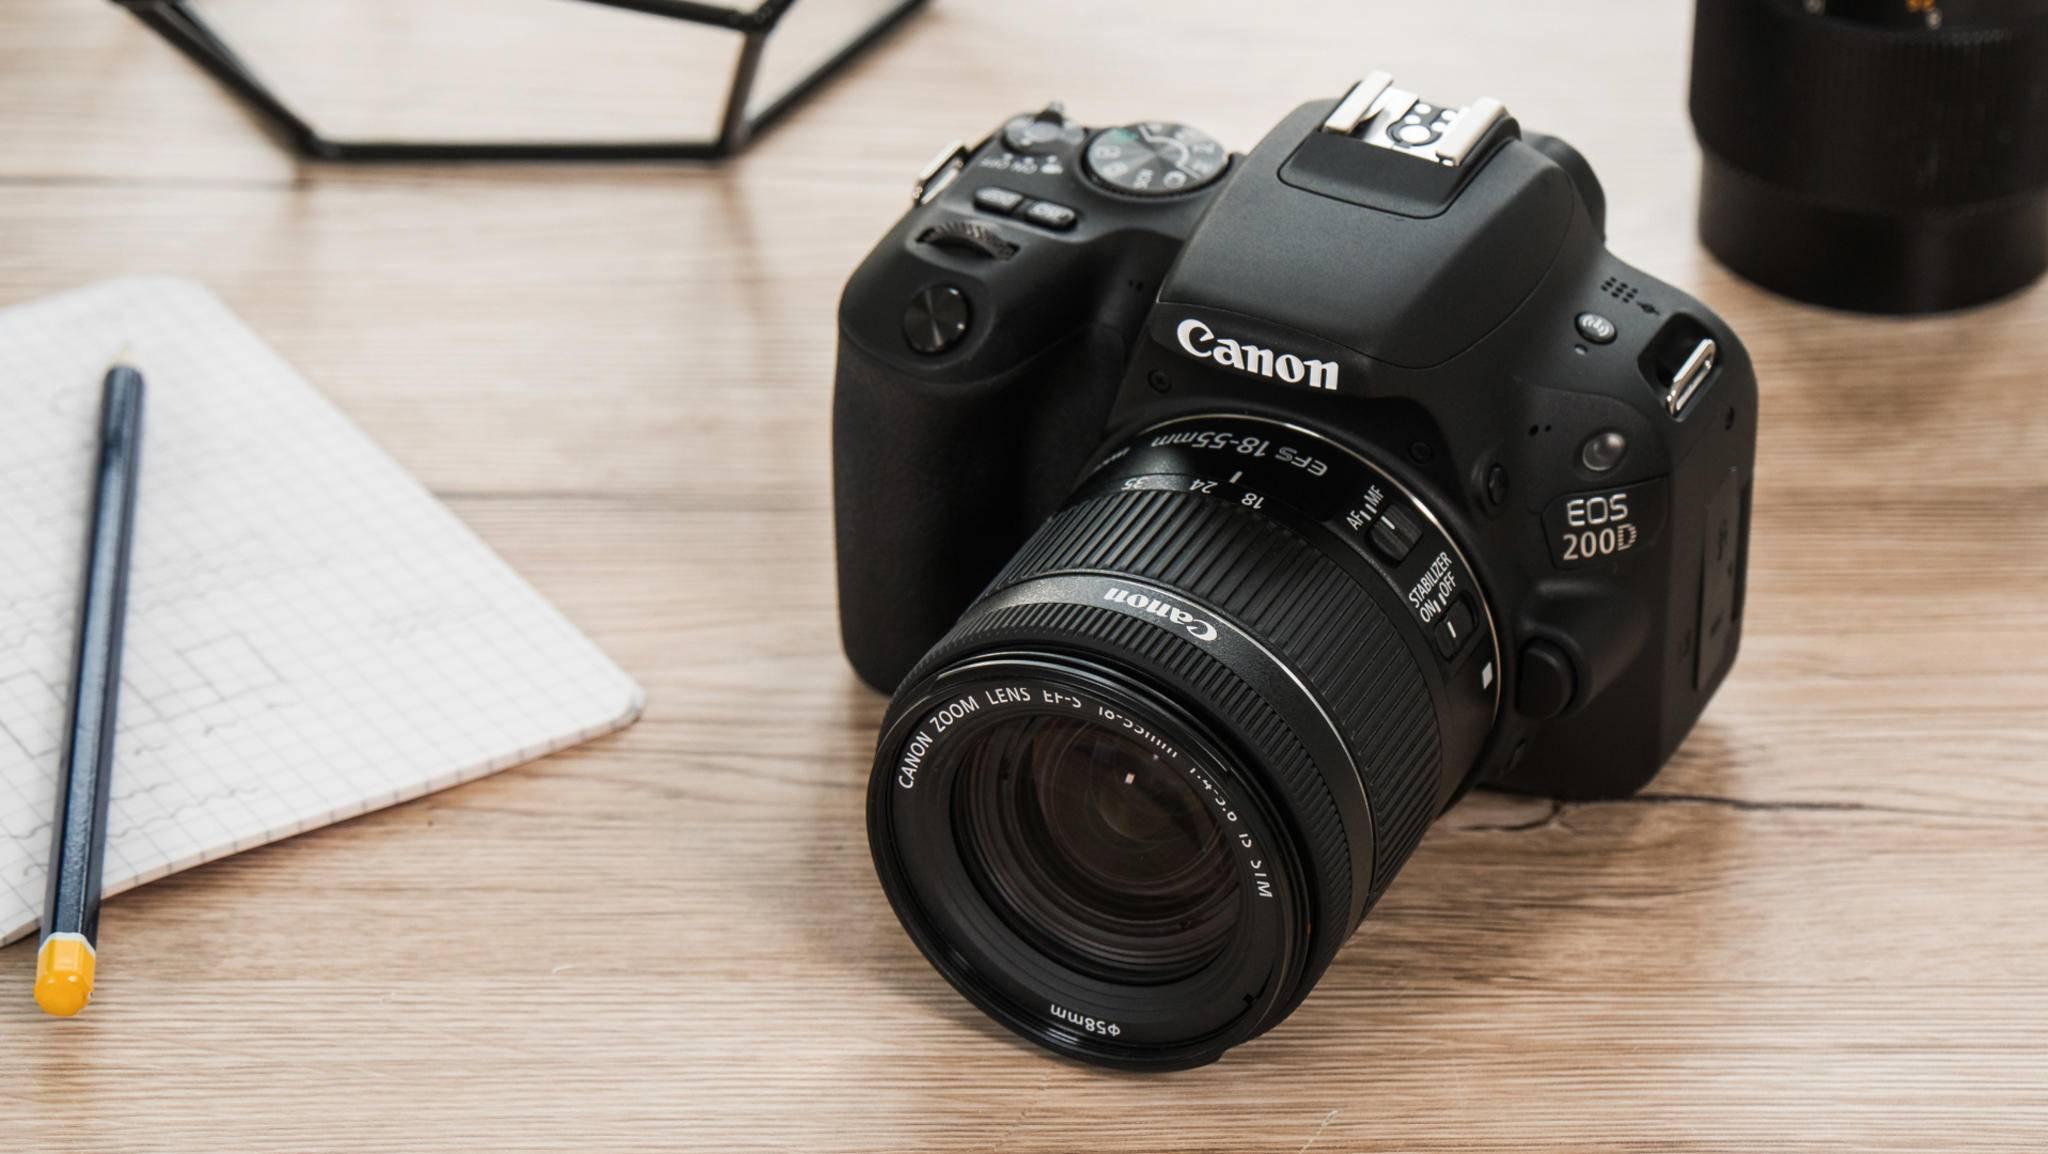 Die EOS 200D gehört ebenfalls zu den angreifbaren Kameras von Canon.